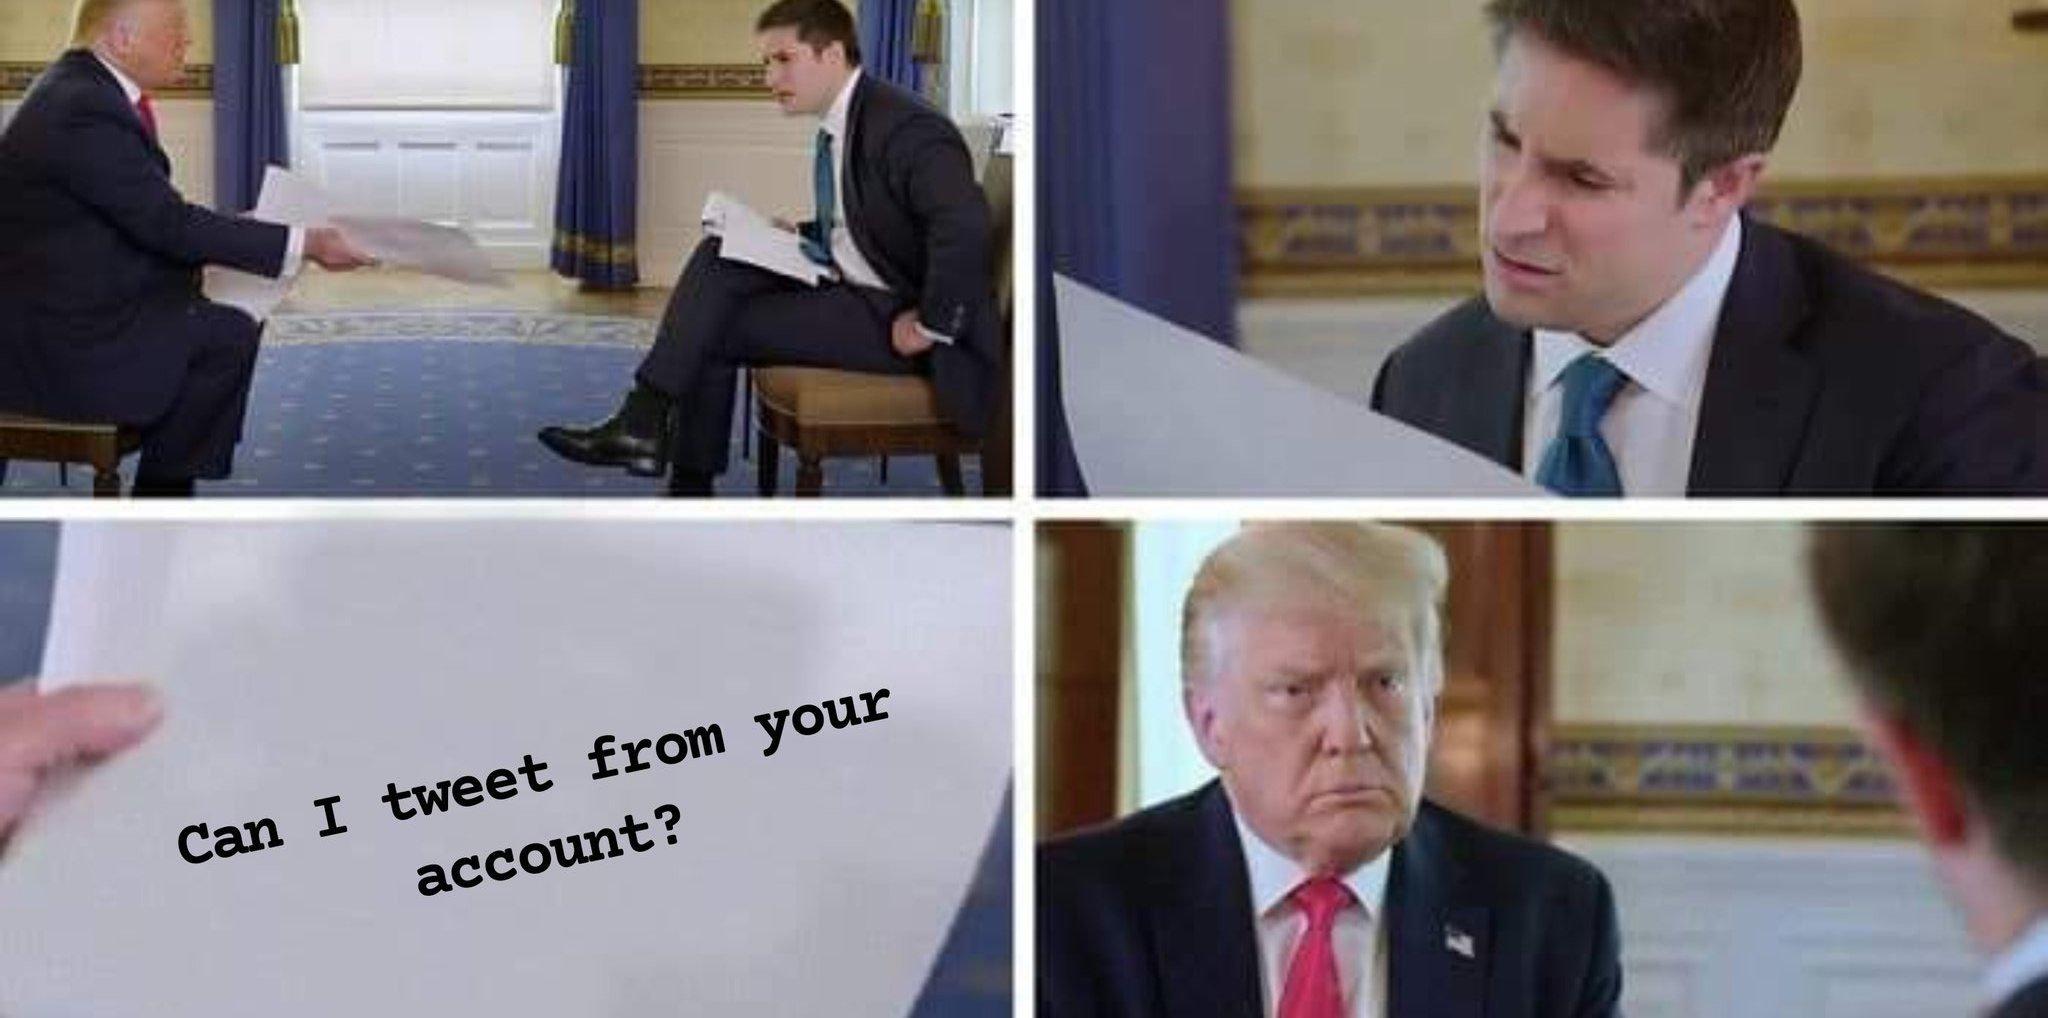 Ce troll ! - meme